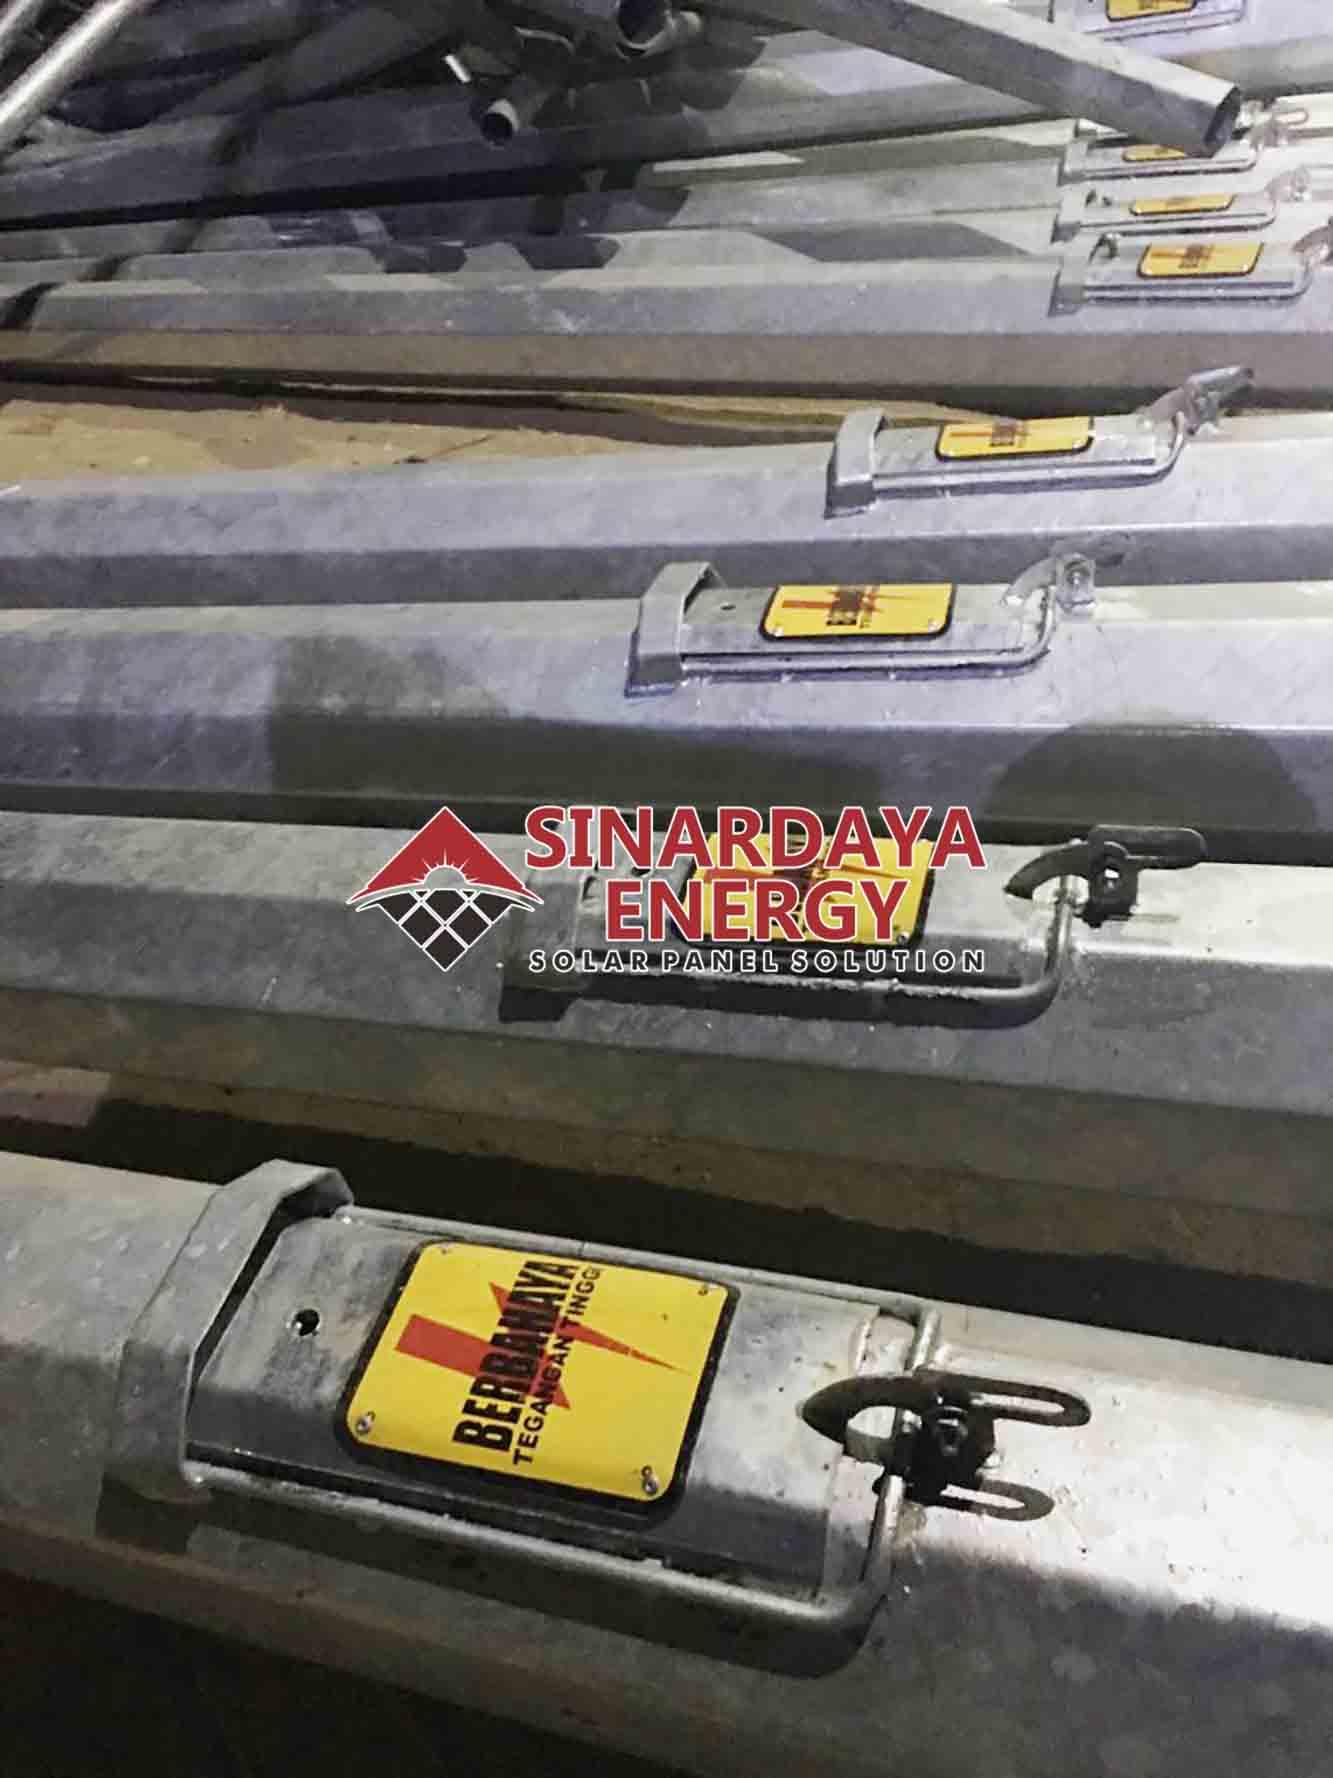 Pabrik Tiang Lampu Pju Surabaya Pju Tenaga Surya Pju Solar Cell Penerangan Jalan Umum Pju